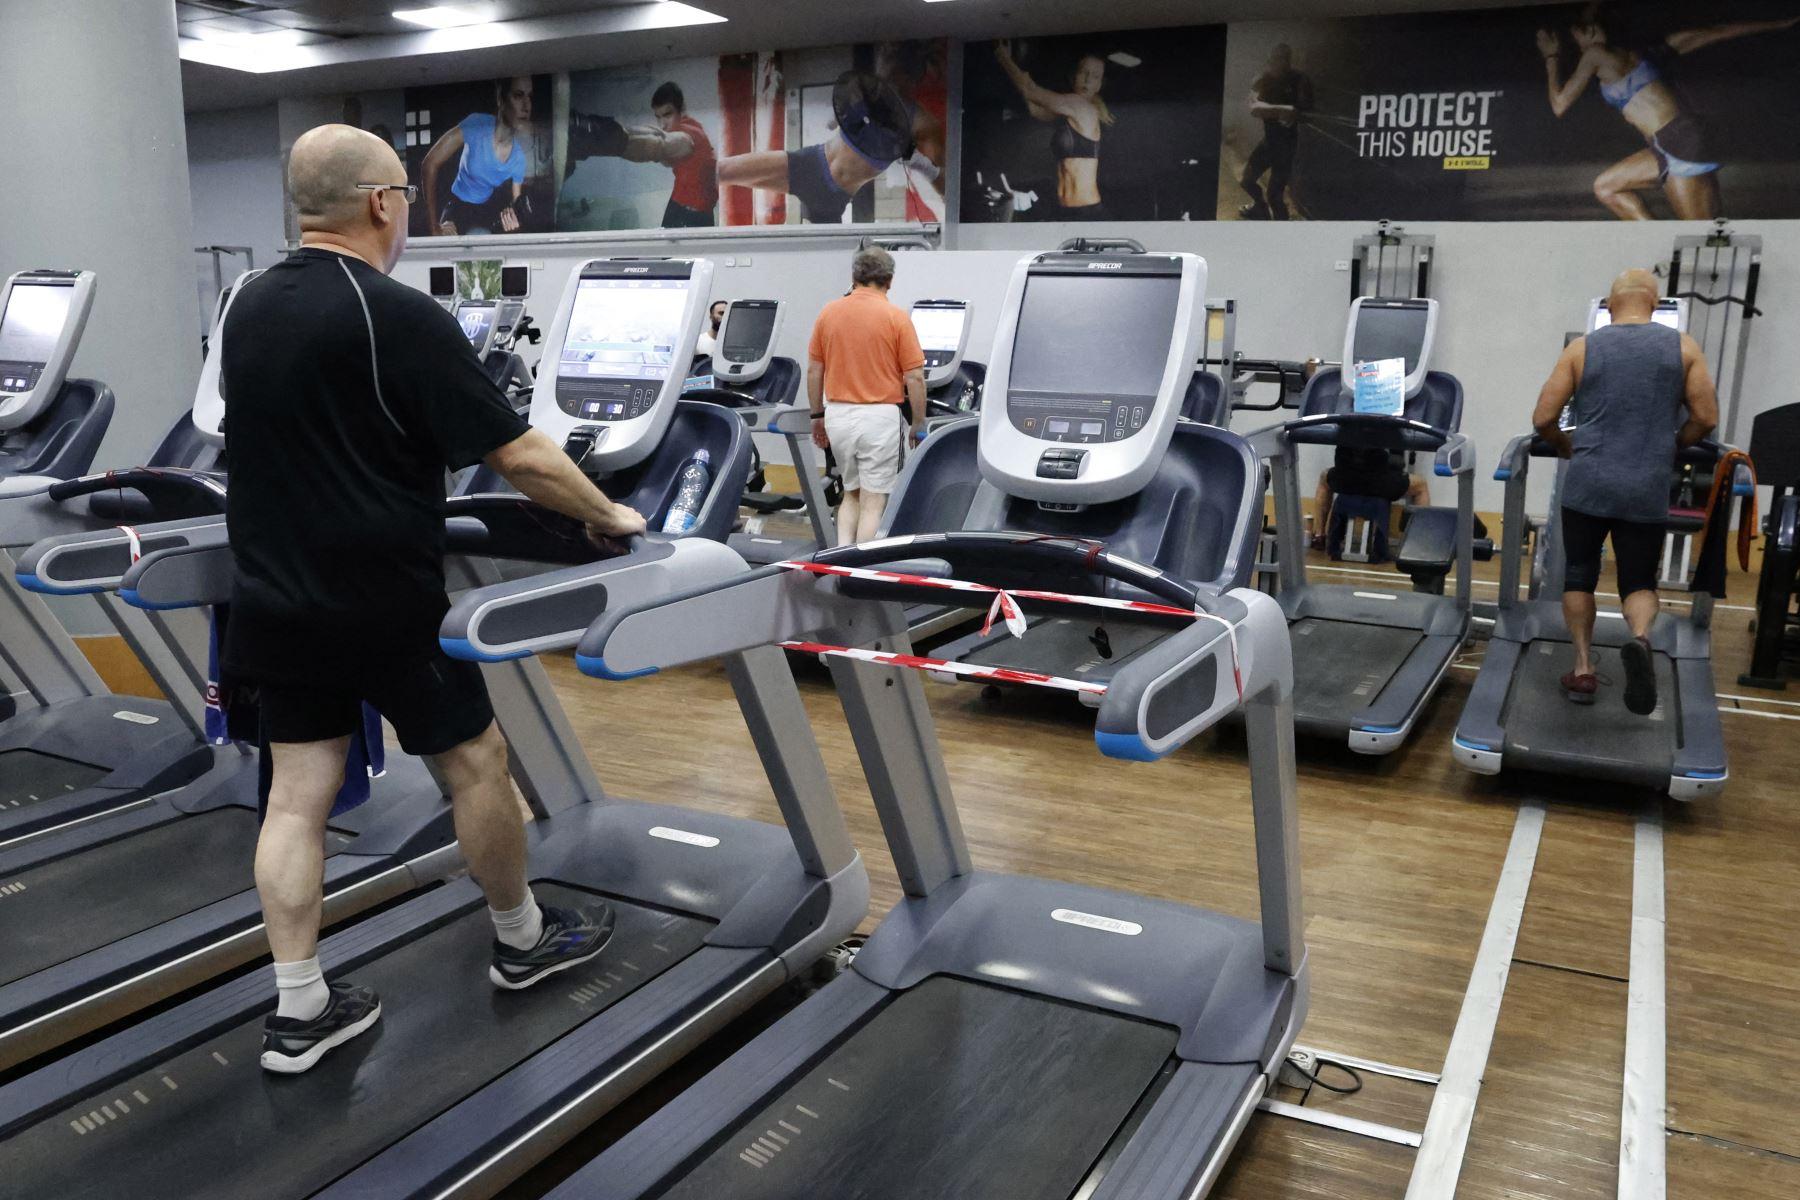 Las personas hacen ejercicio en un gimnasio en la ciudad costera israelí de Netanya el 21 de febrero de 2021, luego que el país se diera paso hacia la normalidad, reabriendo una serie de negocios y servicios. Foto: AFP